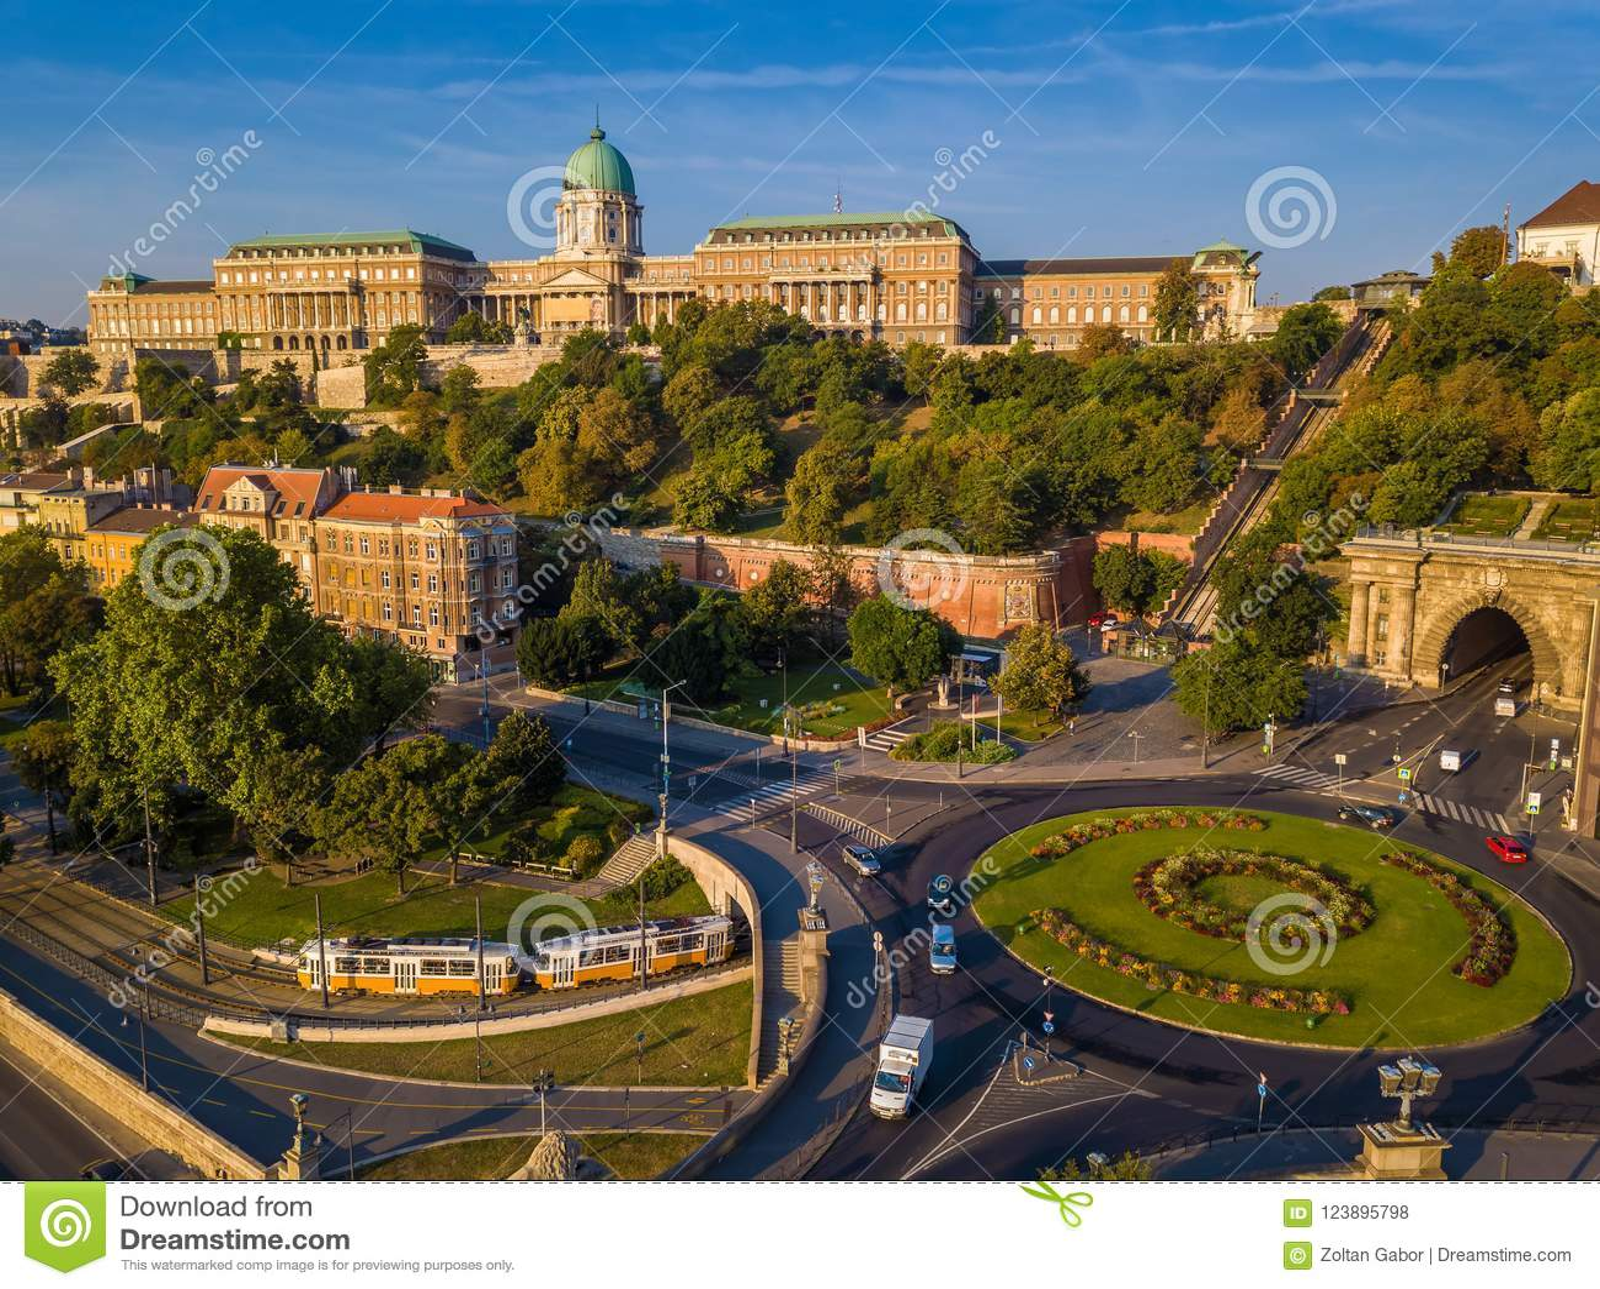 De vierkante rotonde van Boedapest, Hongarije - van Clark Adam van hierboven bij zonsopgang met Buda Castle Royal Palace